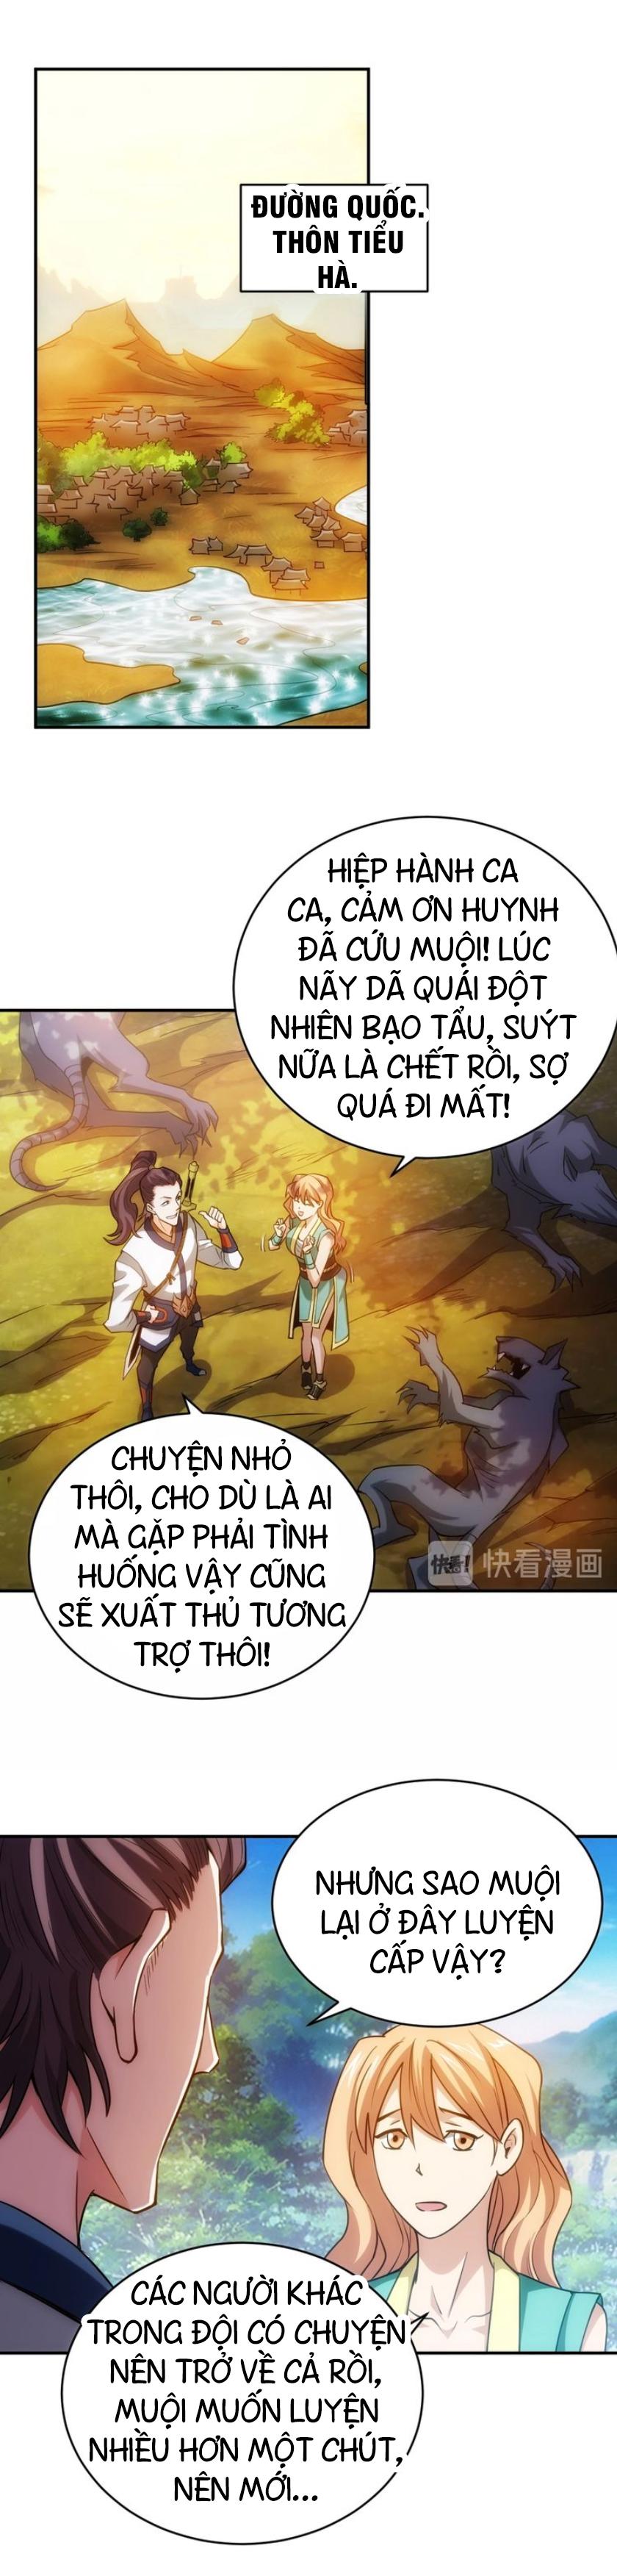 Rich Player - Người Chơi Khắc Kim Chapter 51 video - Hamtruyen.vn